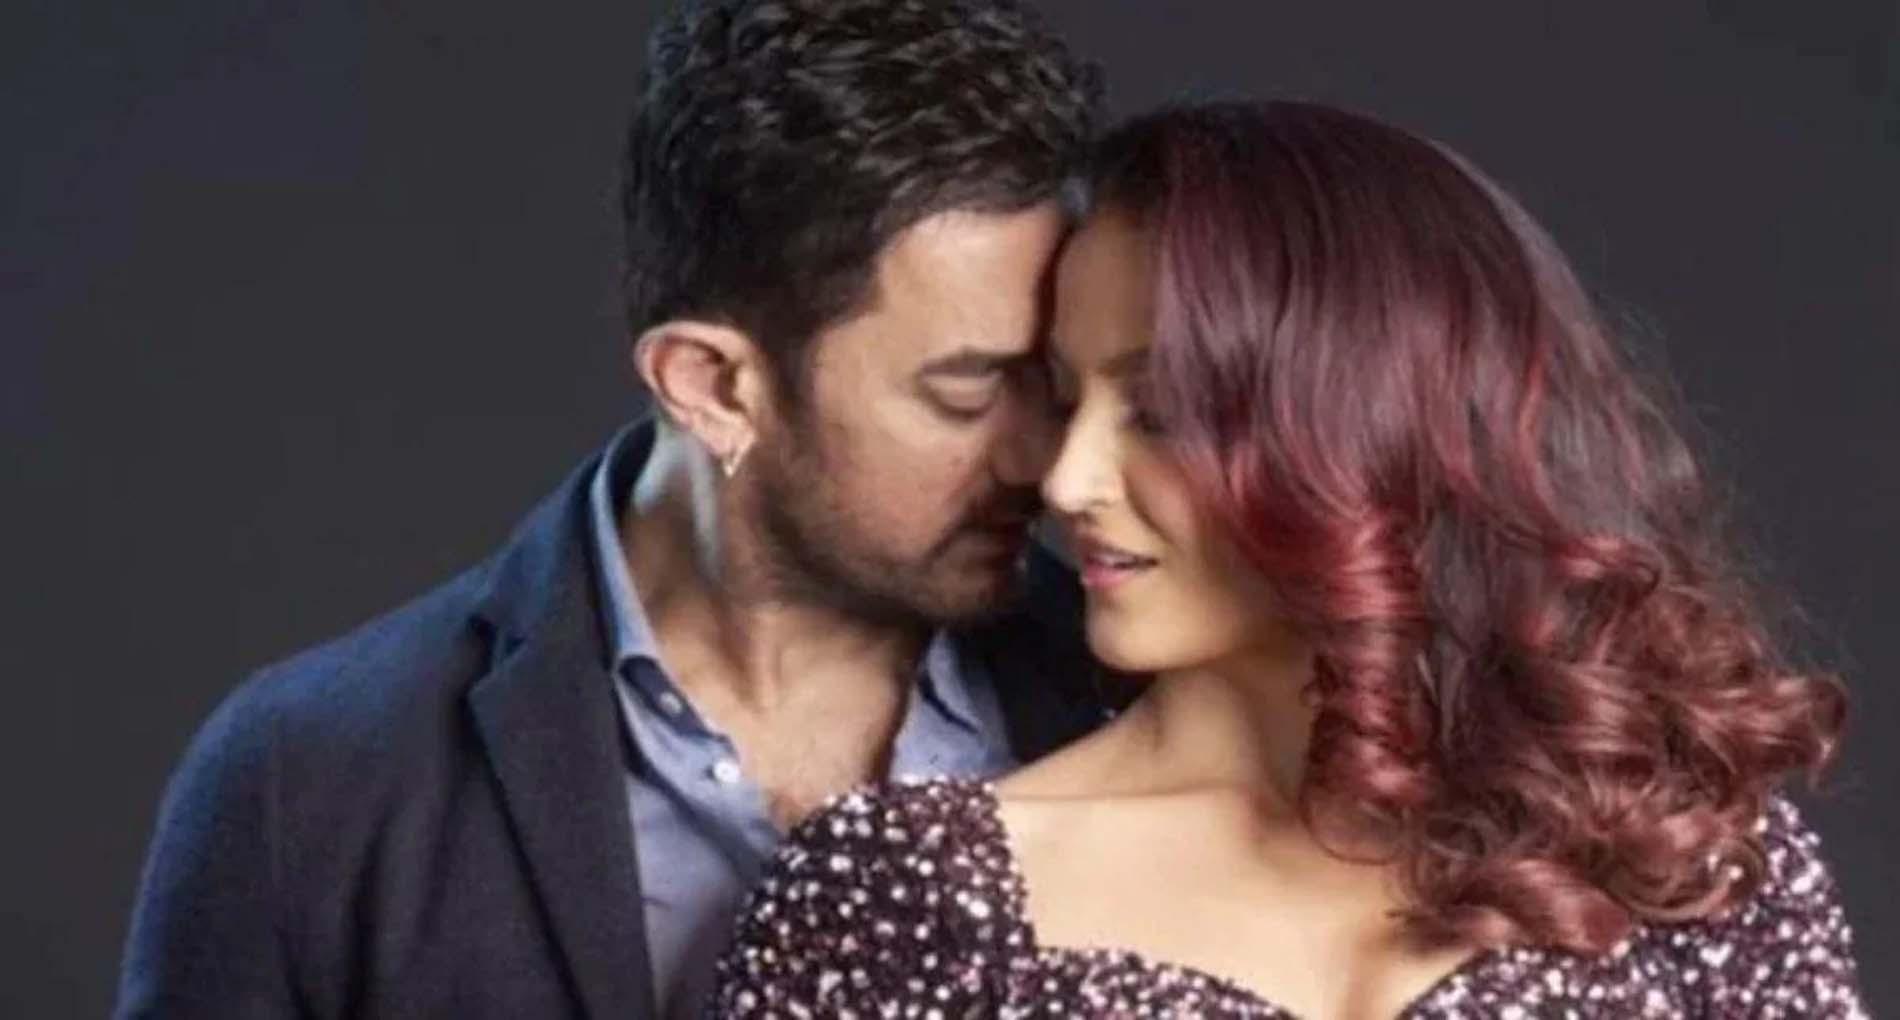 आमिर खान और एली अवराम का नया गाना 'Har Fun Maula' हुआ रिलीज, हो रहा वायरल